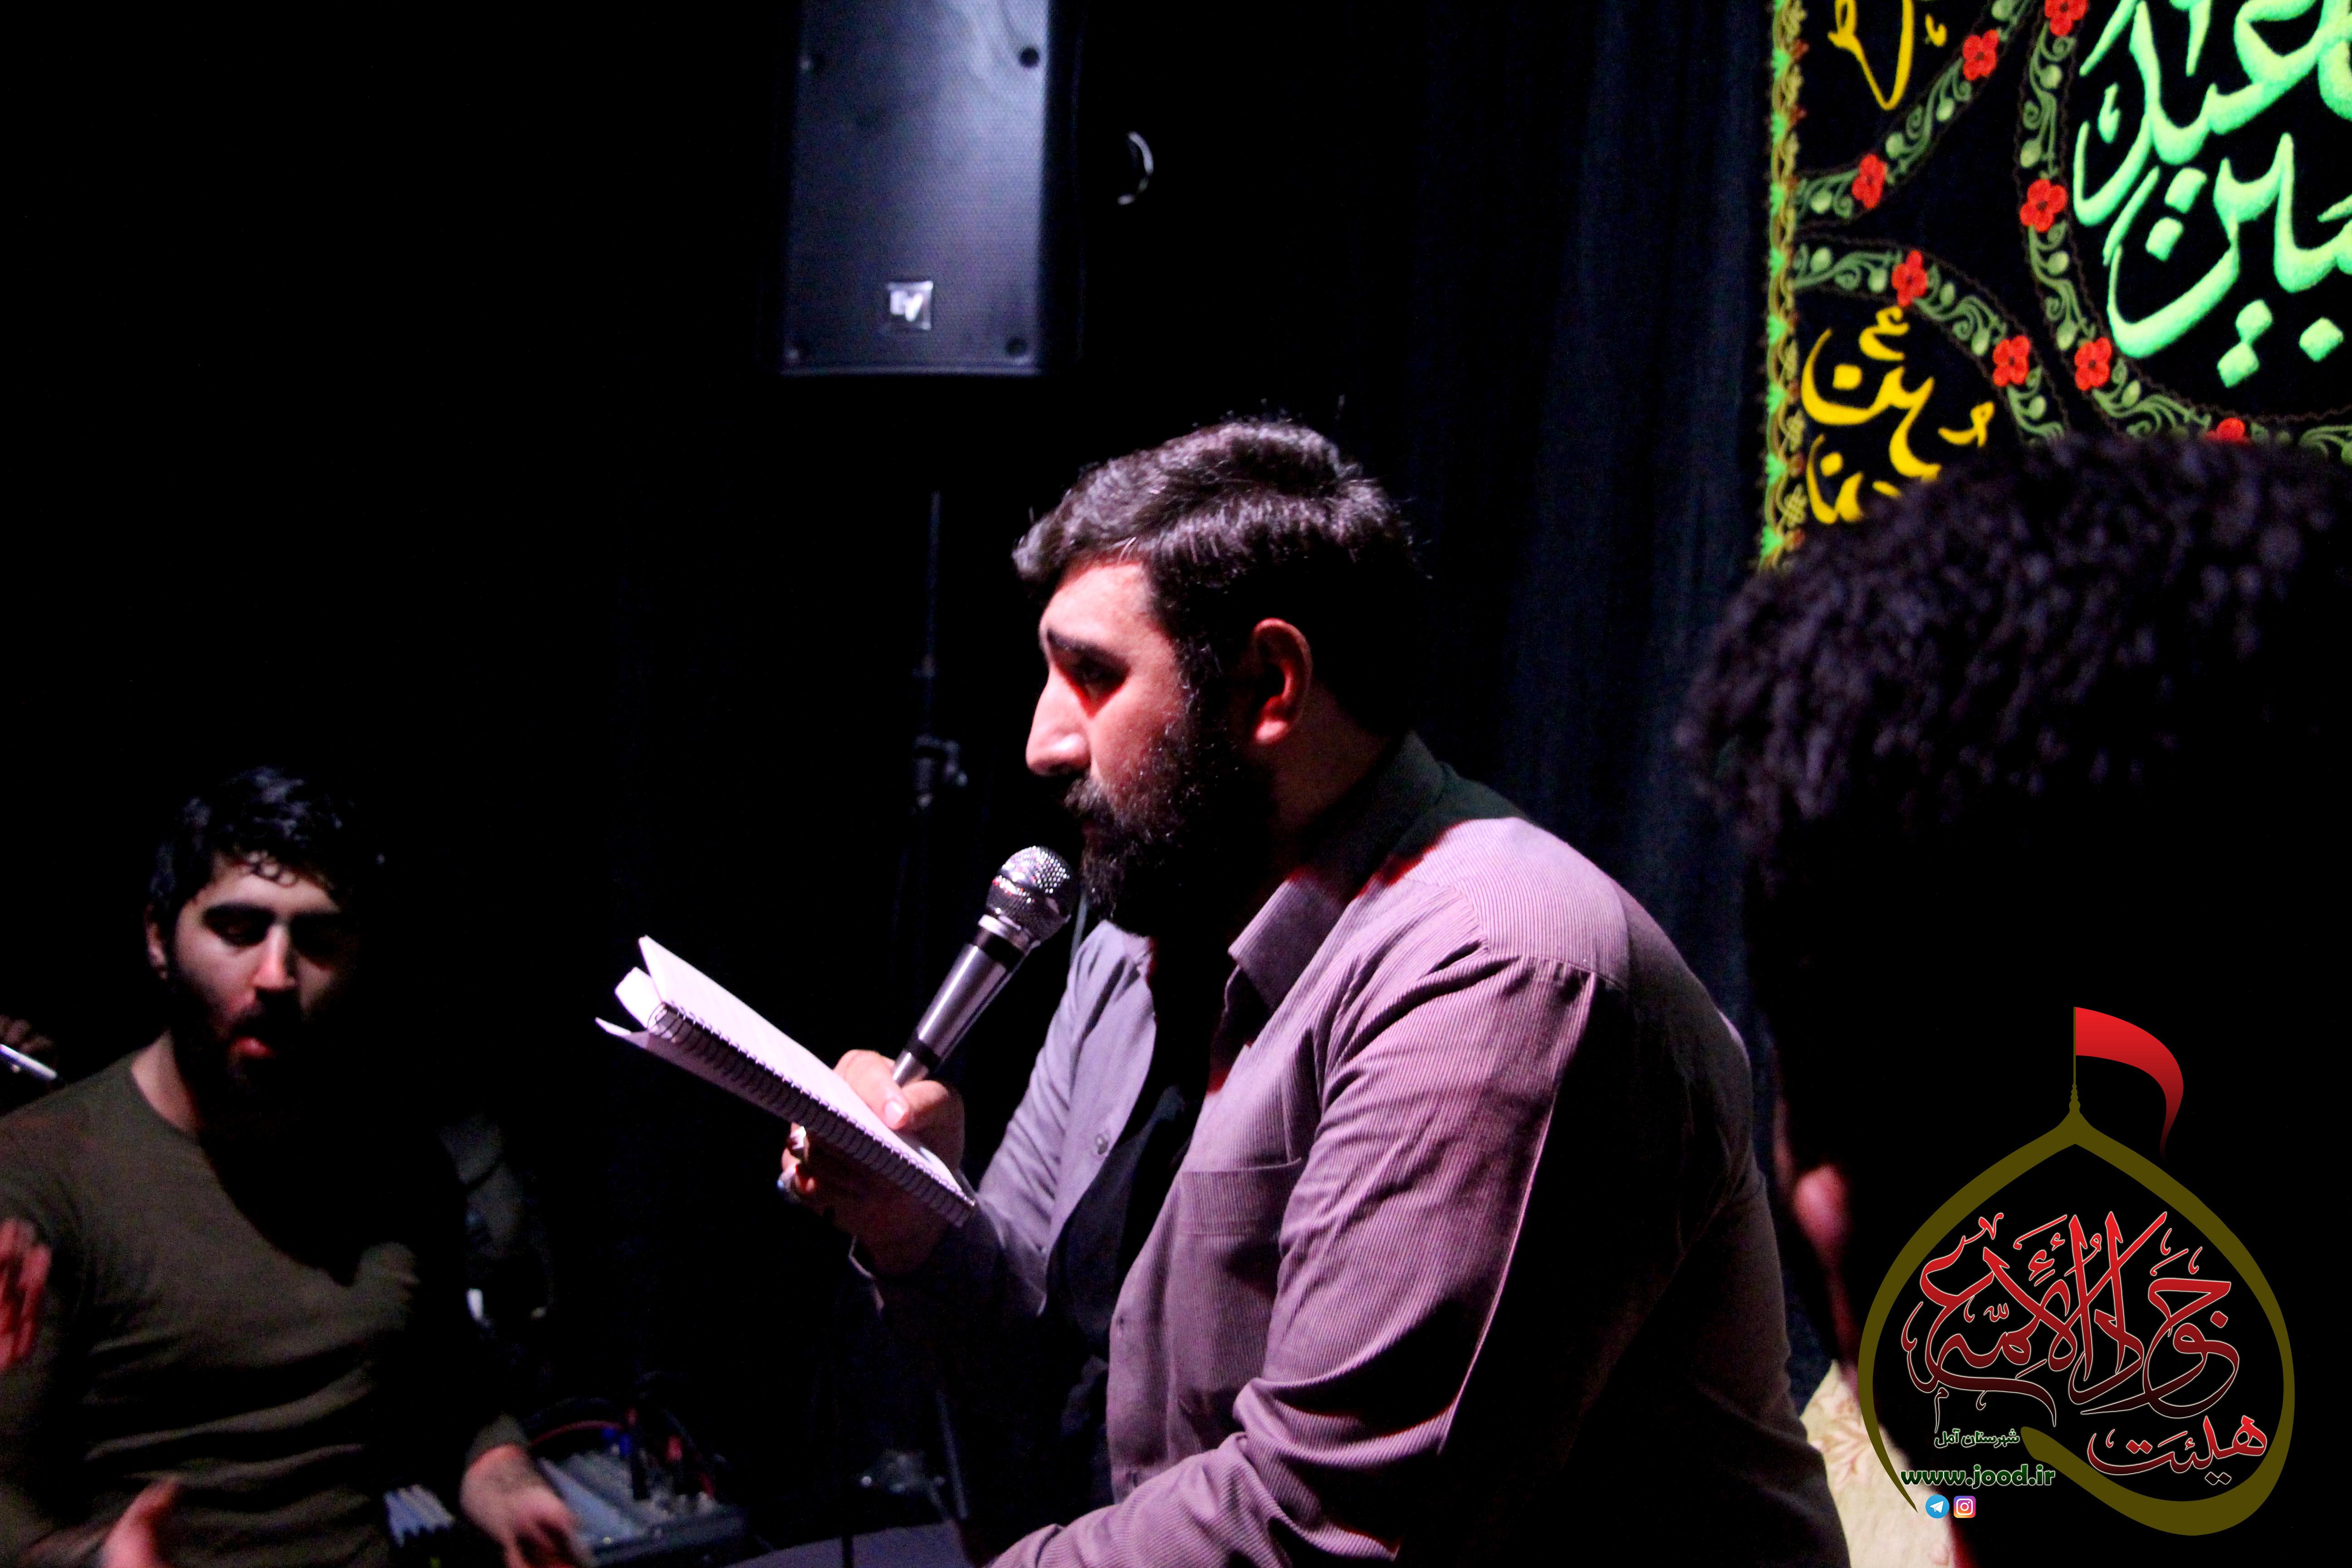 مراسم هفتگی ۲ بهمن ۹۵ – با نوای کربلایی یاسر رجبی